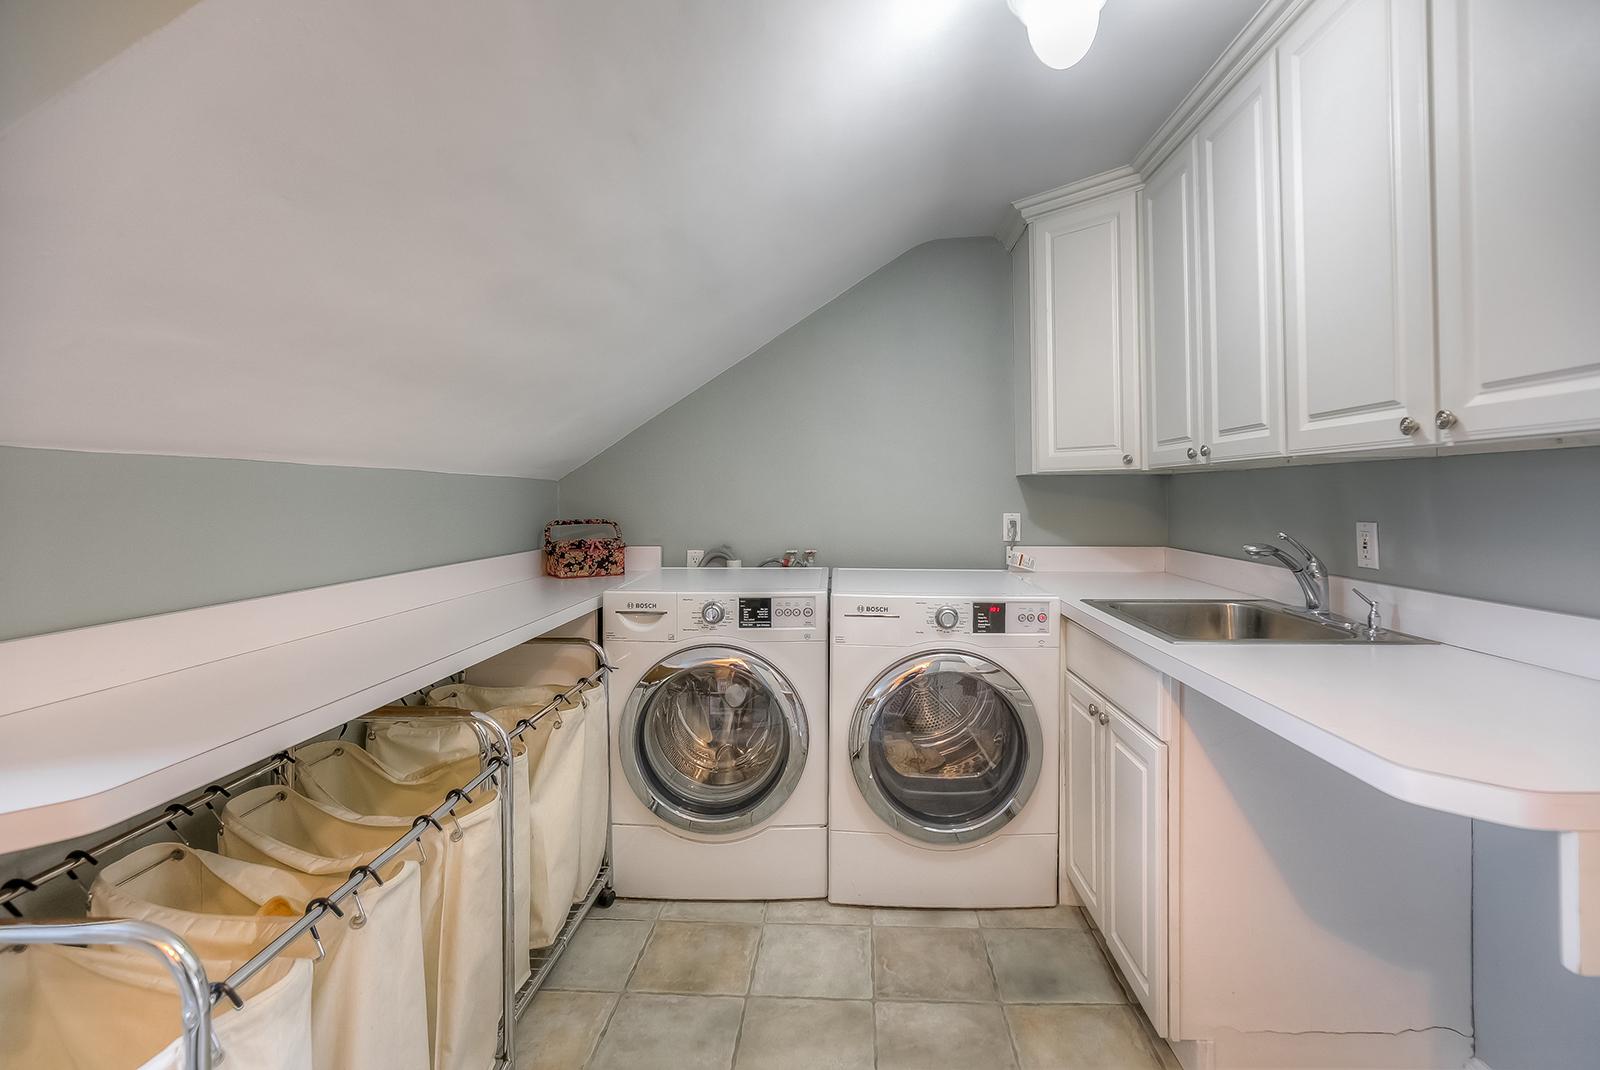 19. Laundry Room copy 2